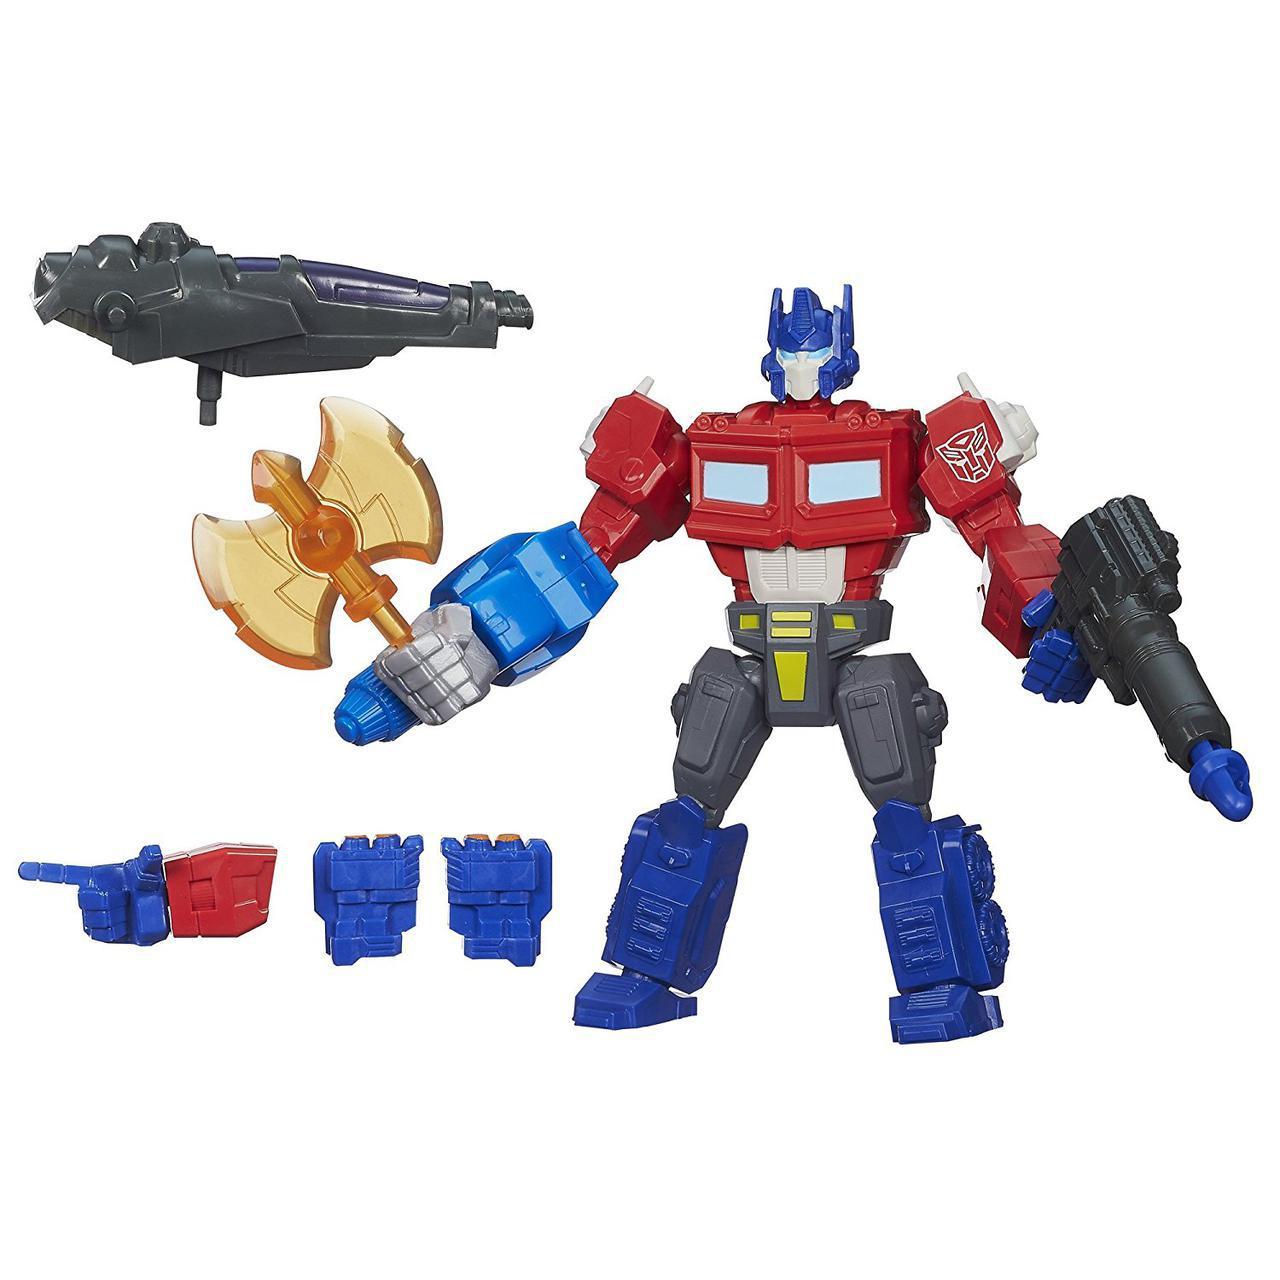 """Игрушка-конструктор Оптимус Прайм из м/с """"Охотники на чудовищ"""" - Optimus Prime, Hero Mashers, Hasbro"""